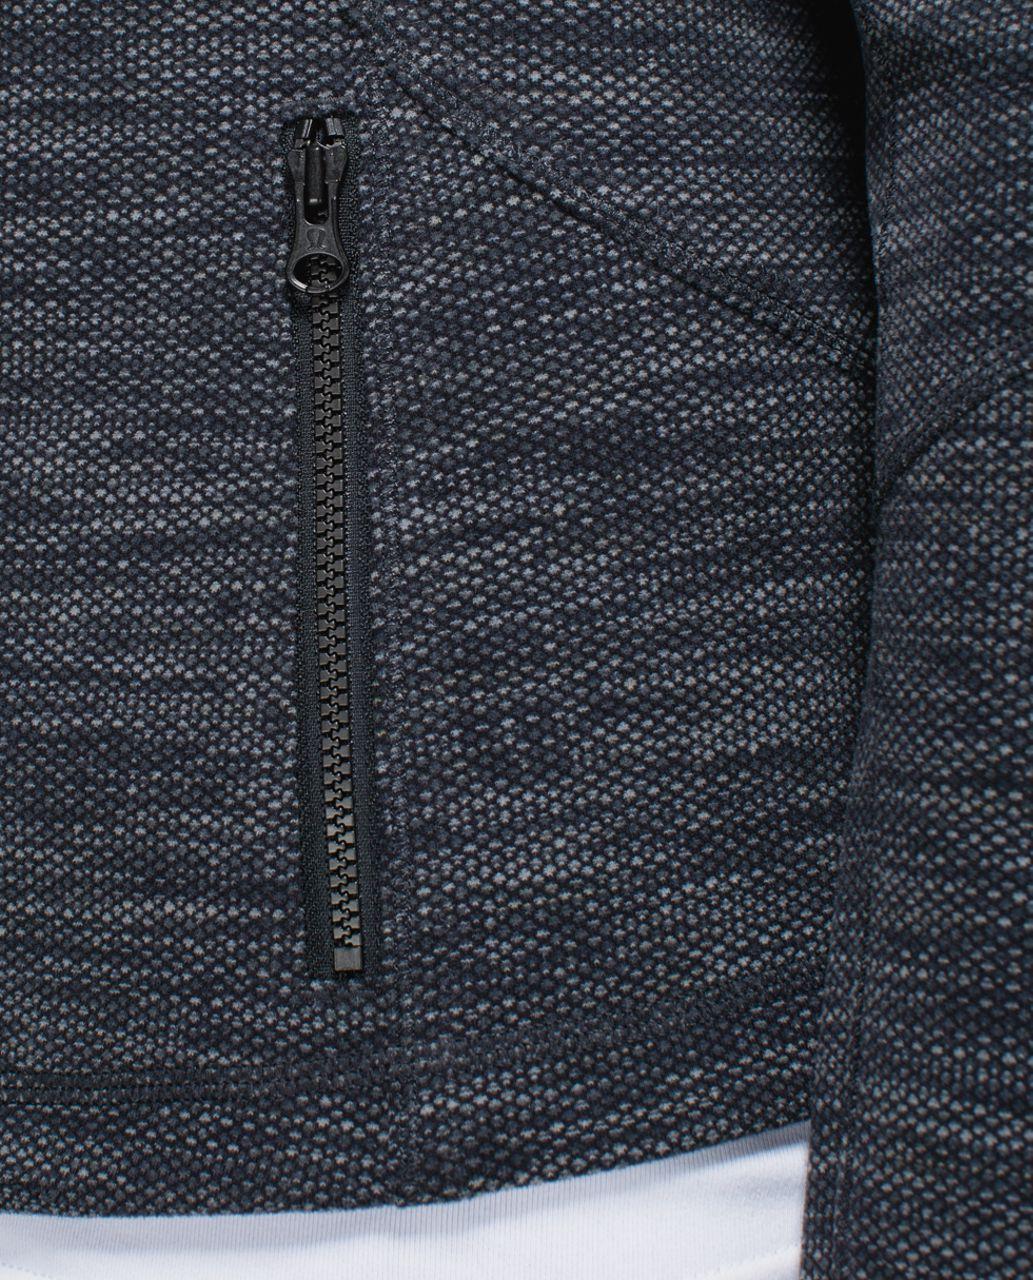 Lululemon Forme Jacket (Cuffins) - Black /  Deep Coal